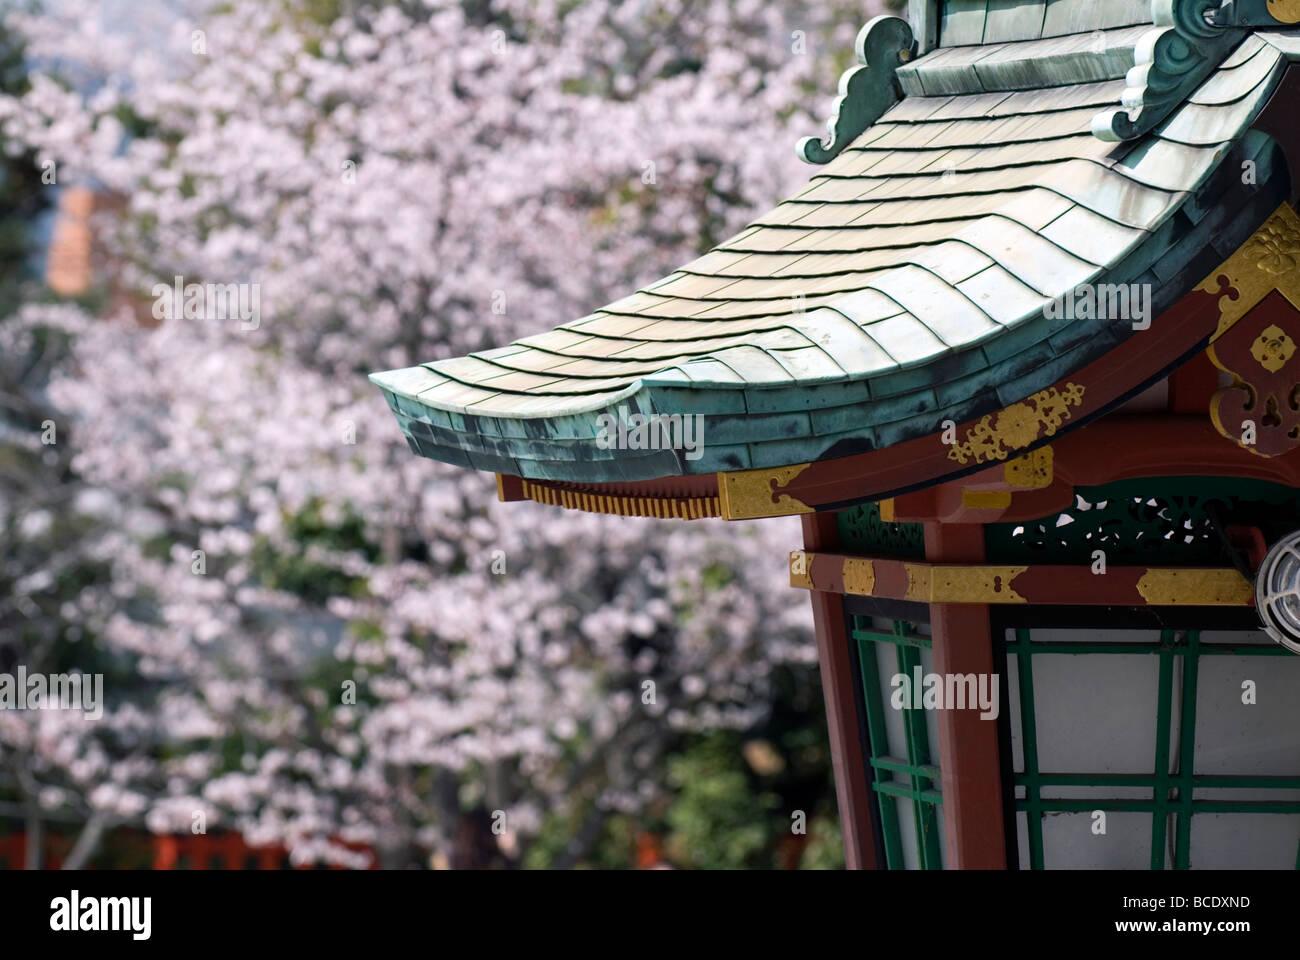 Une Composition D Une Toiture En Cuivre Ouvrage Lantern Un Culte Avec Un Cerisier En Fleurs A L Arriere Plan Photo Stock Alamy